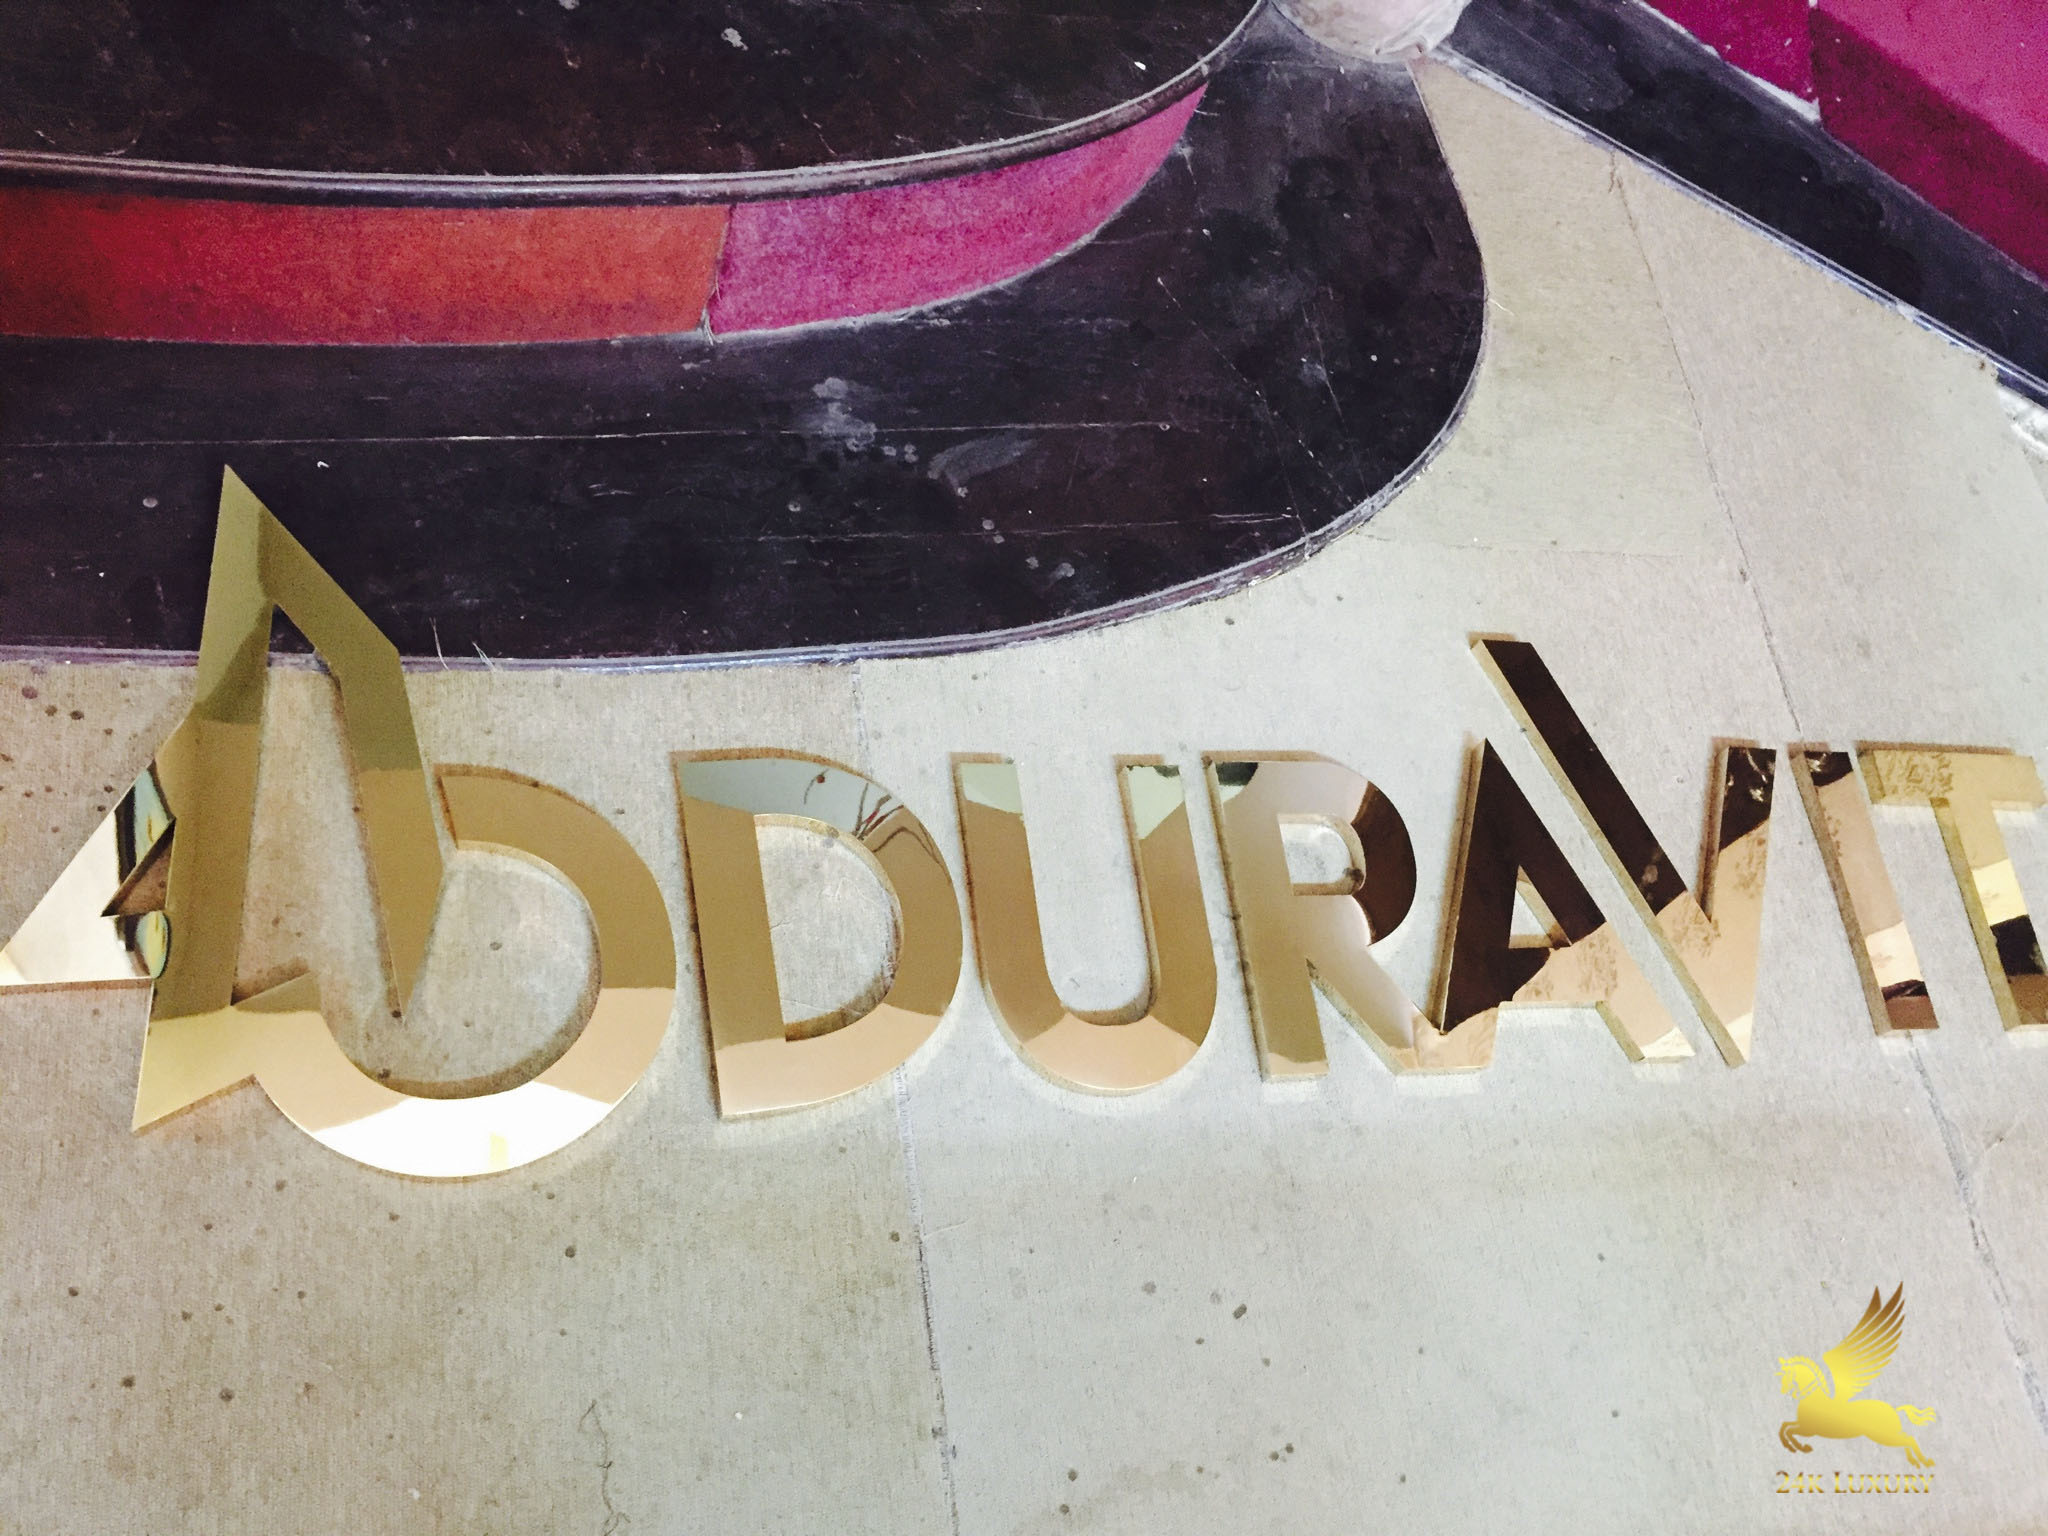 Bộ chữ Duravit germany mạ vàng 24k